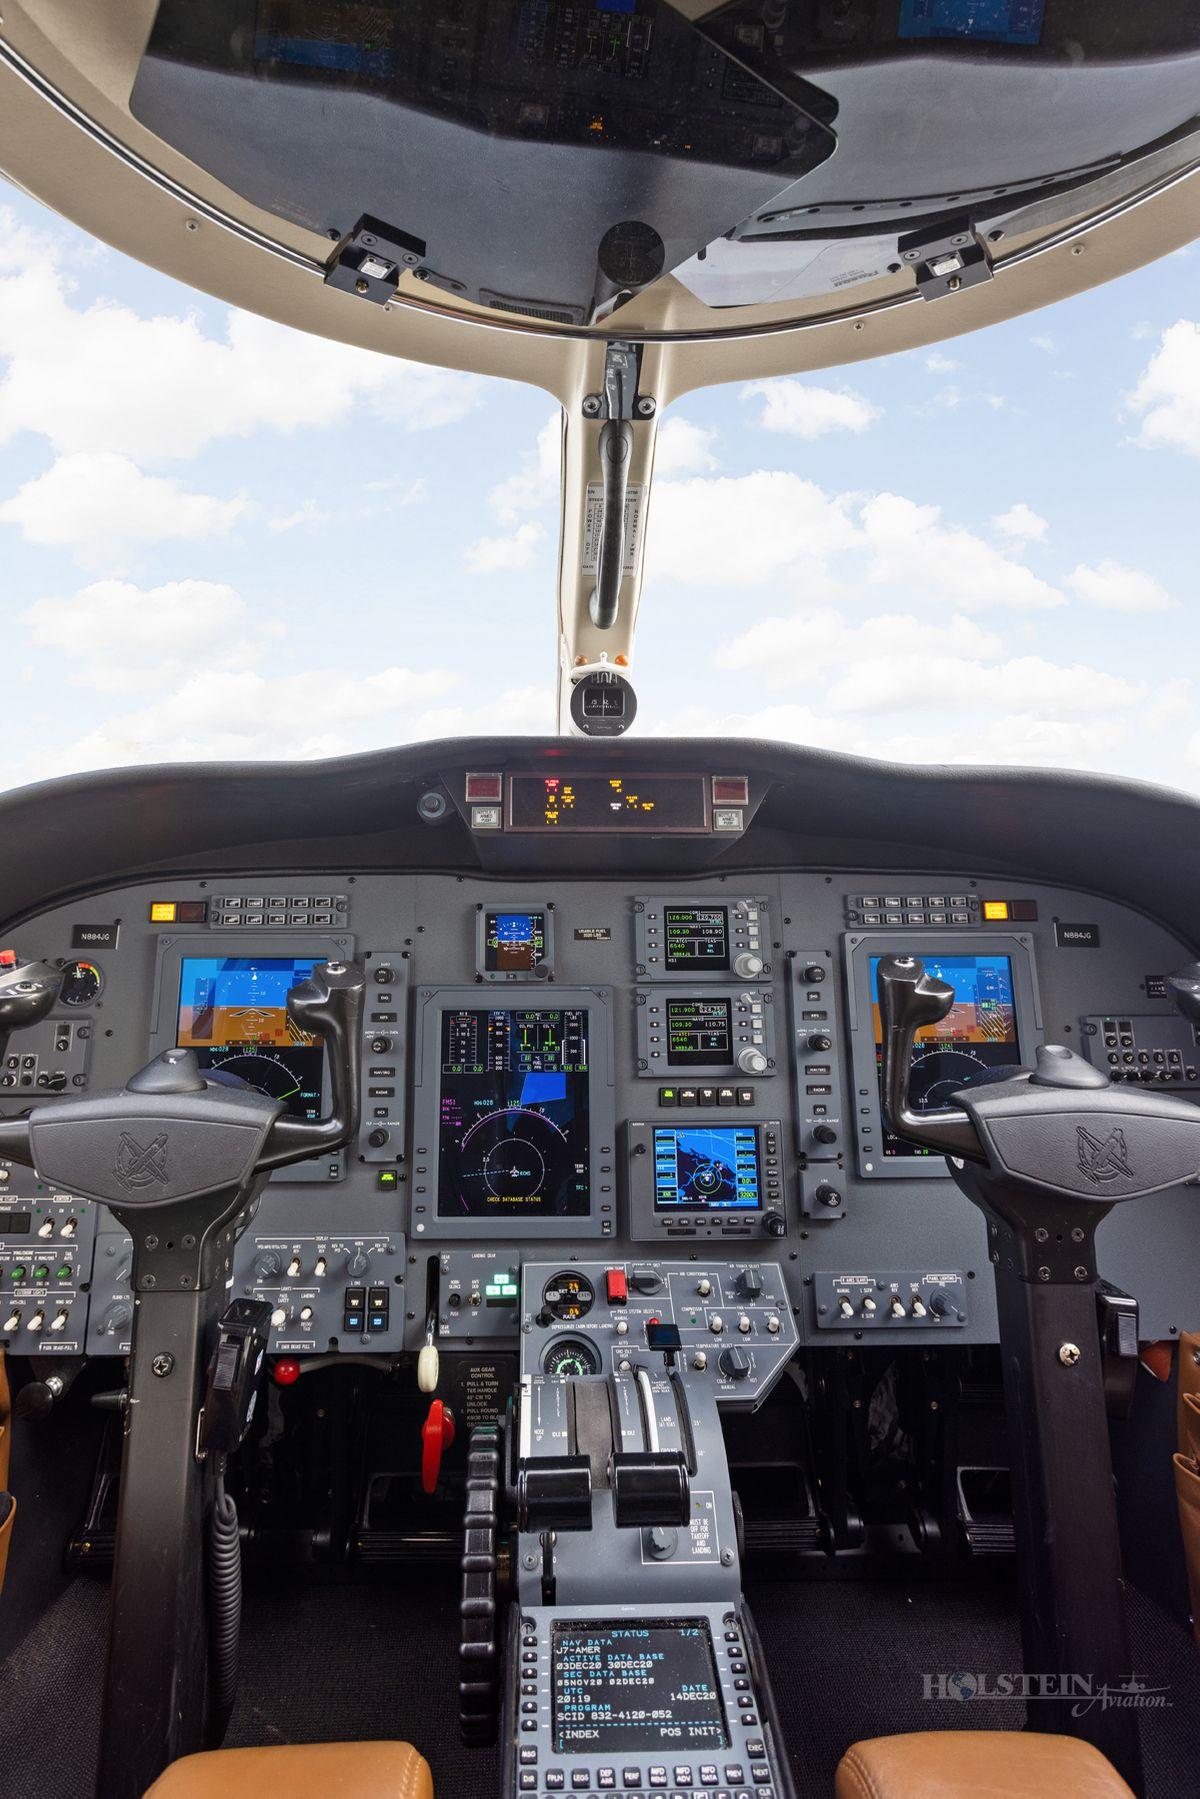 2011 Citation CJ1+ - 525-0700 - N884JG - Cockpit2 RGB.jpg